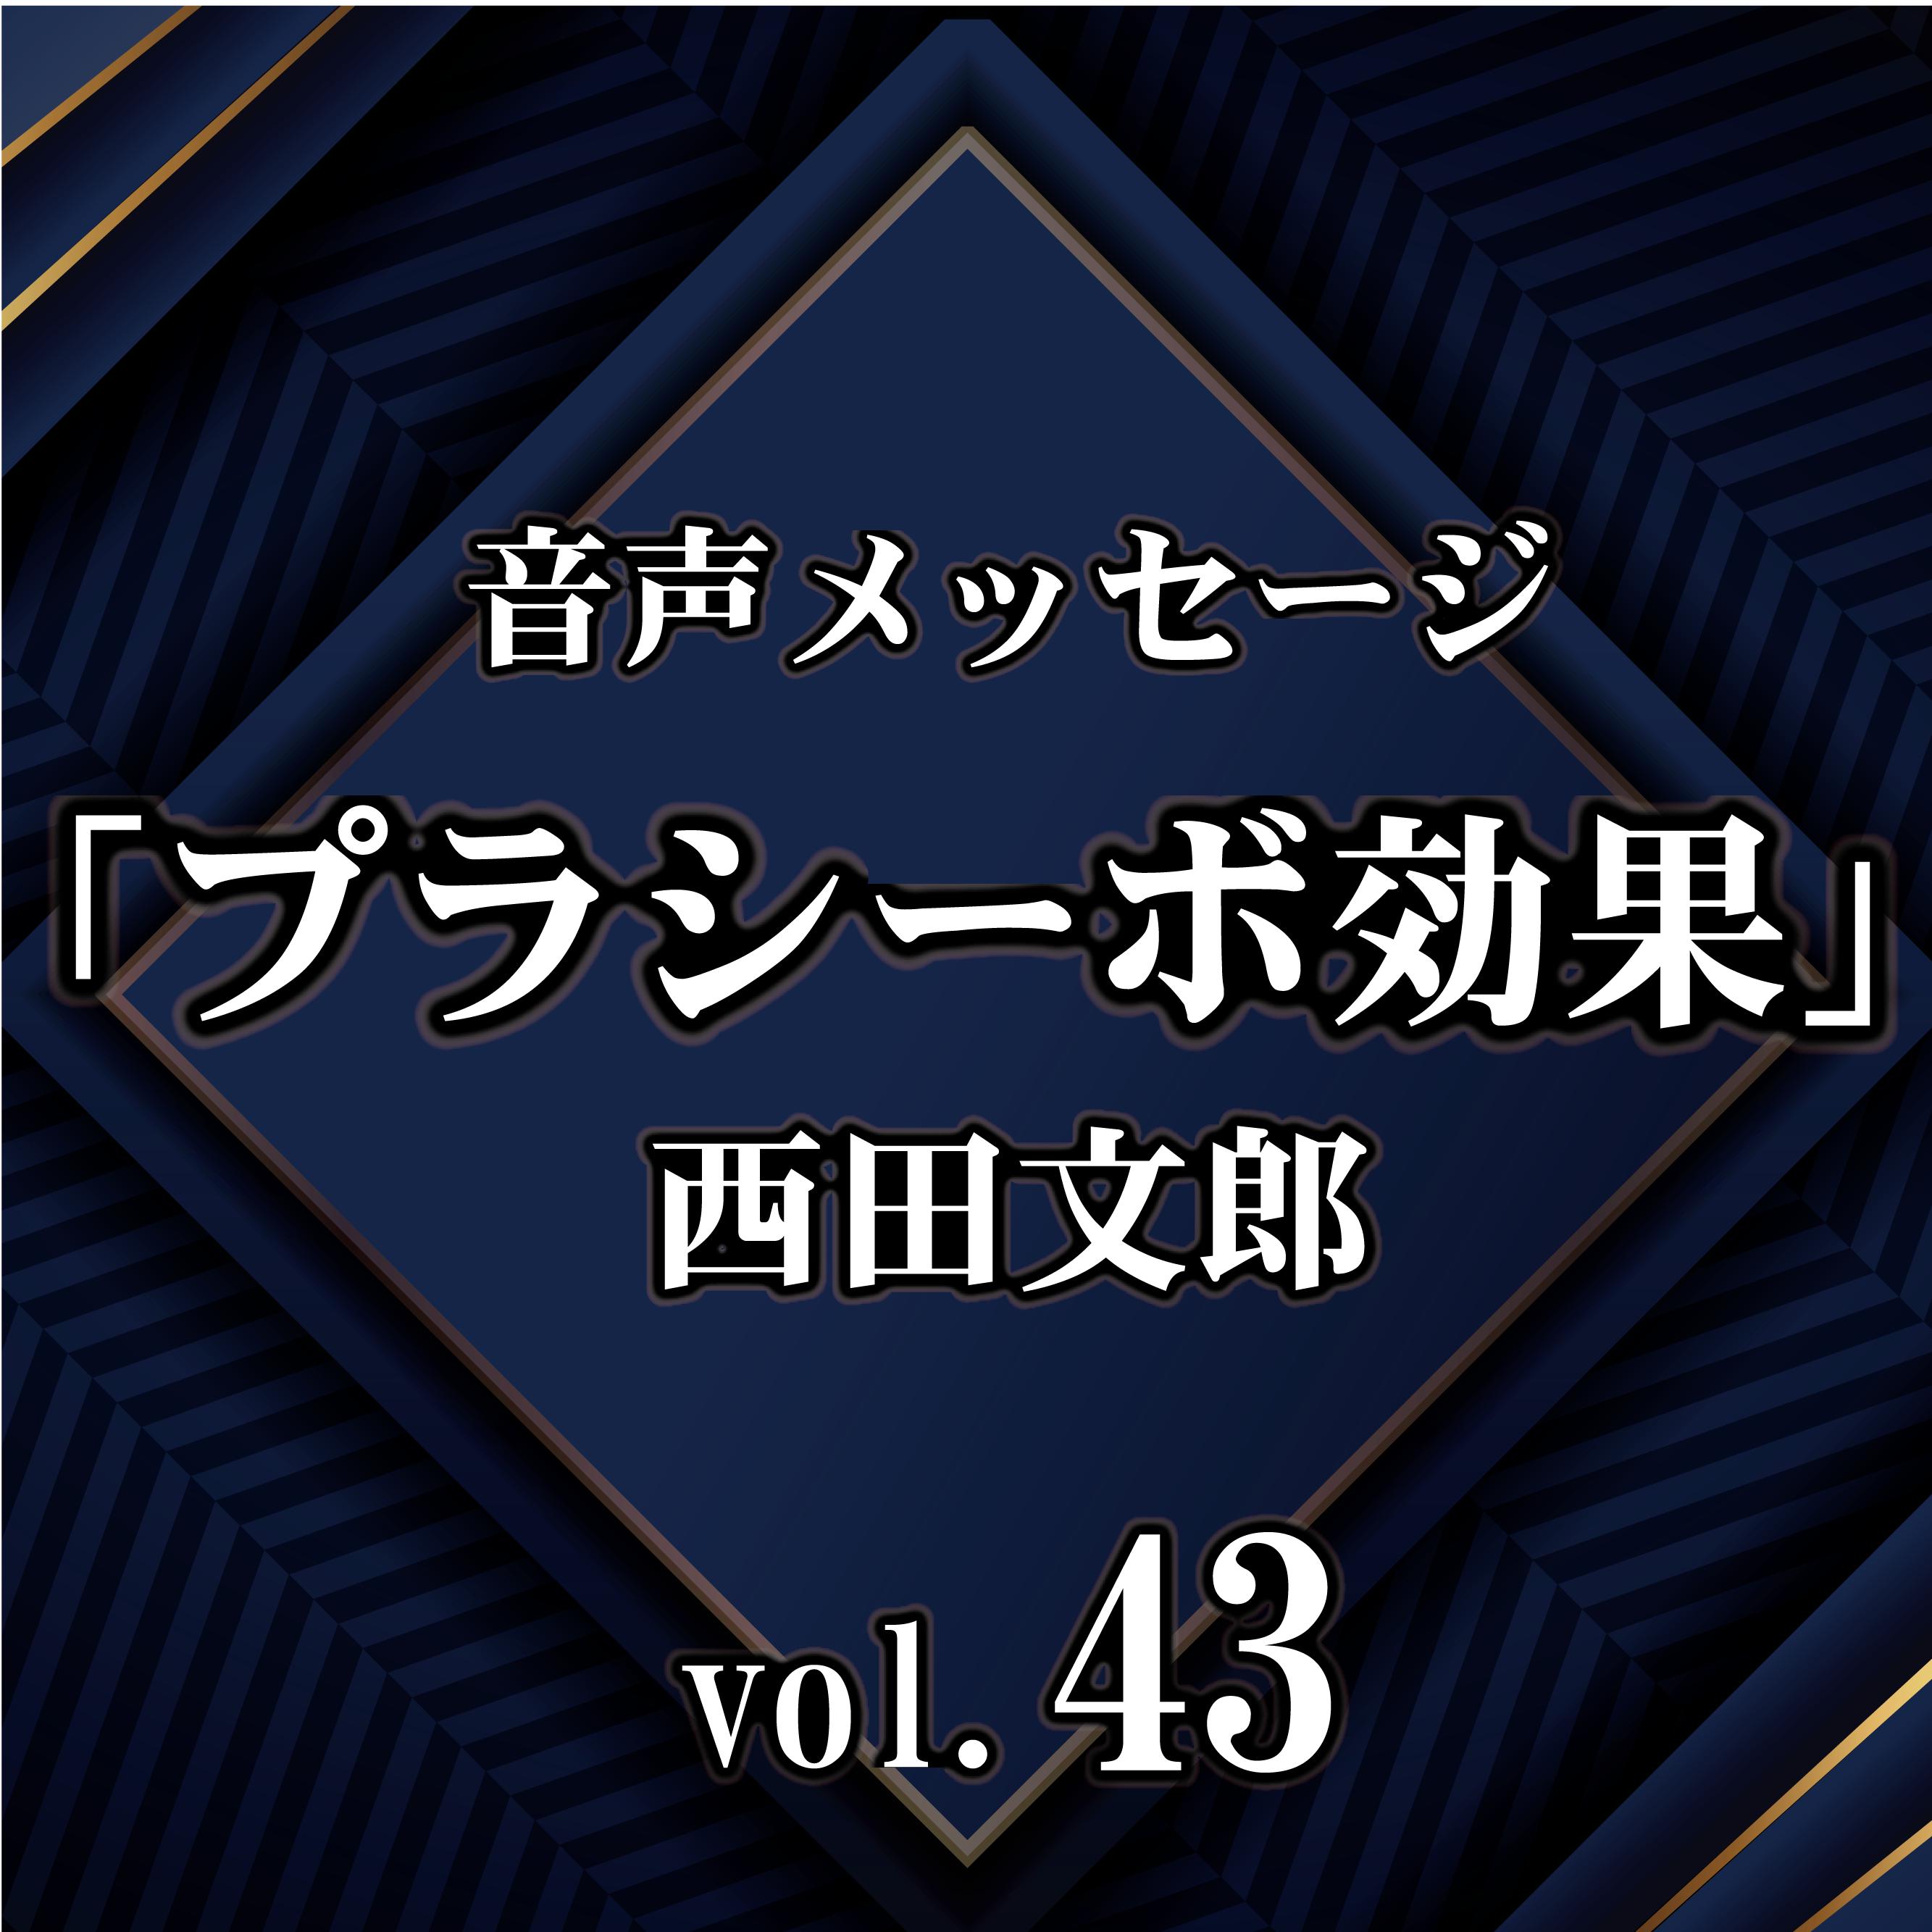 西田文郎 音声メッセージvol.43『プラシーボ効果』